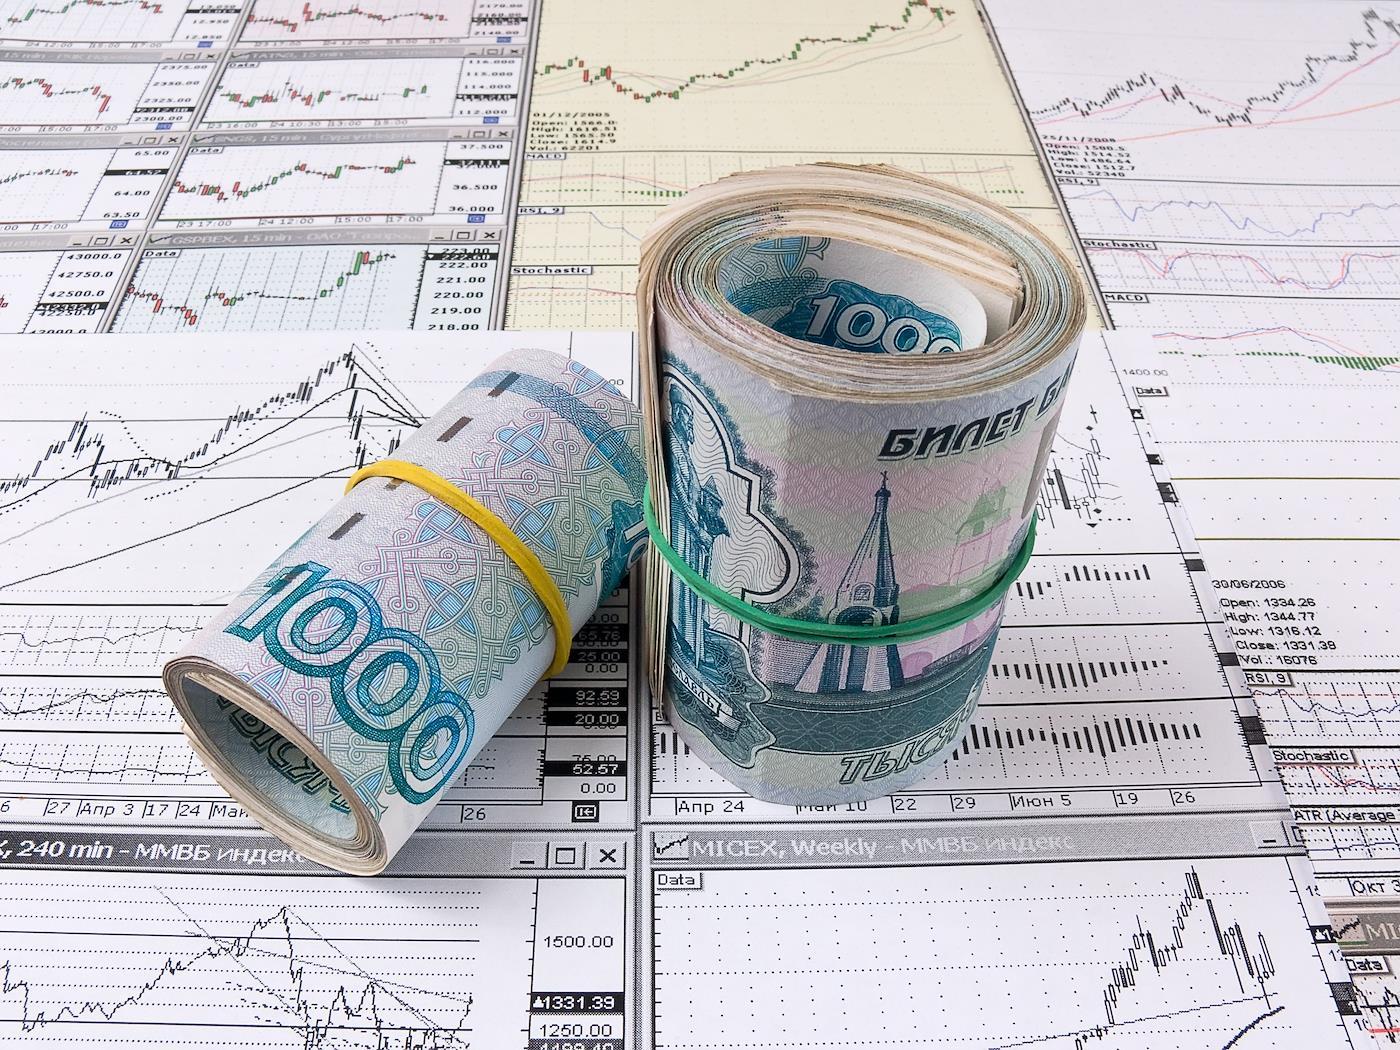 «Богатые богатеют». Новые инвестиционные льготы лишь имитируют рост ВВП и никак не меняют экономическую структуру страны